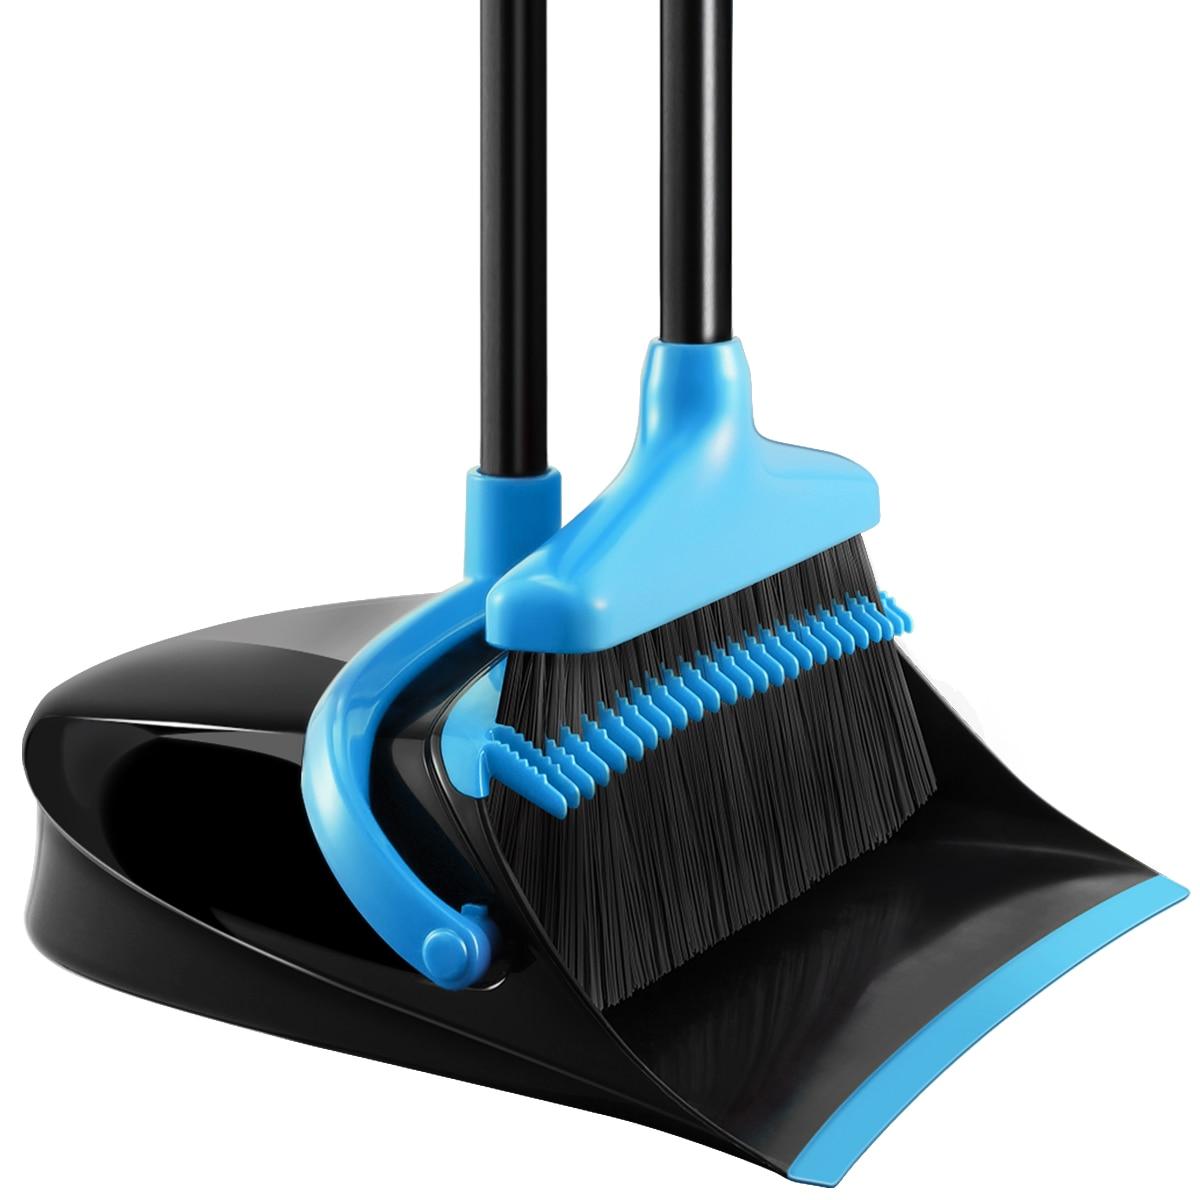 Швабра и щетка для пыли HOMEMAXS A50, комплект для уборки с толчкой руки, комбинированная, для офиса, 1 комплект